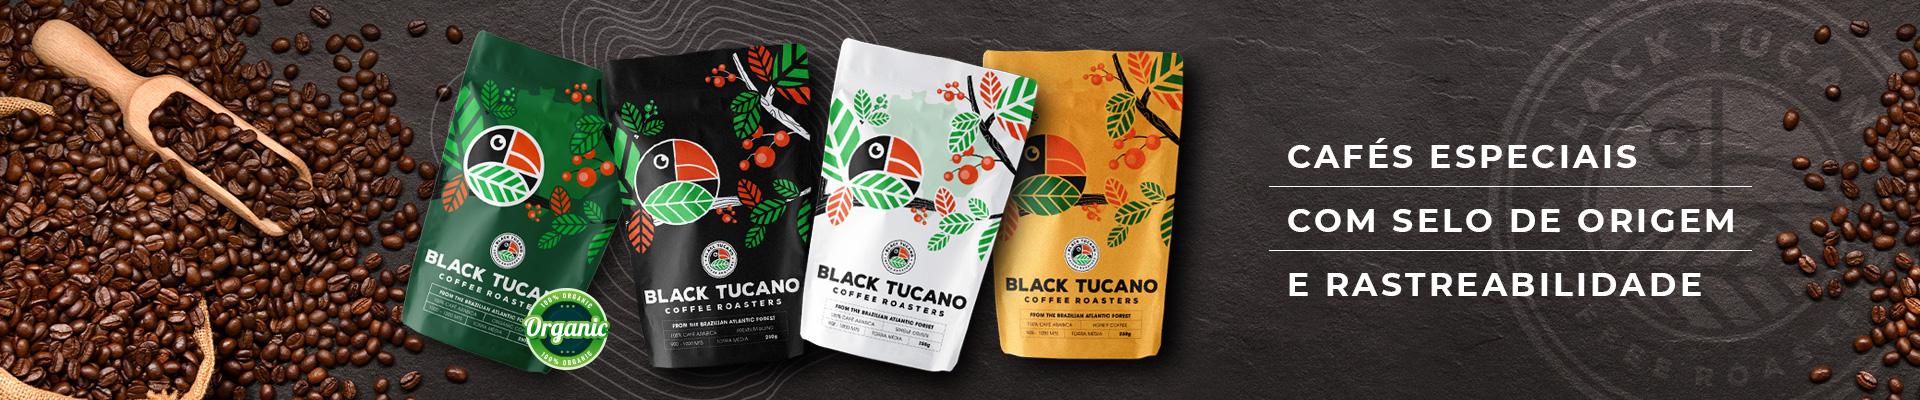 Black Tucano